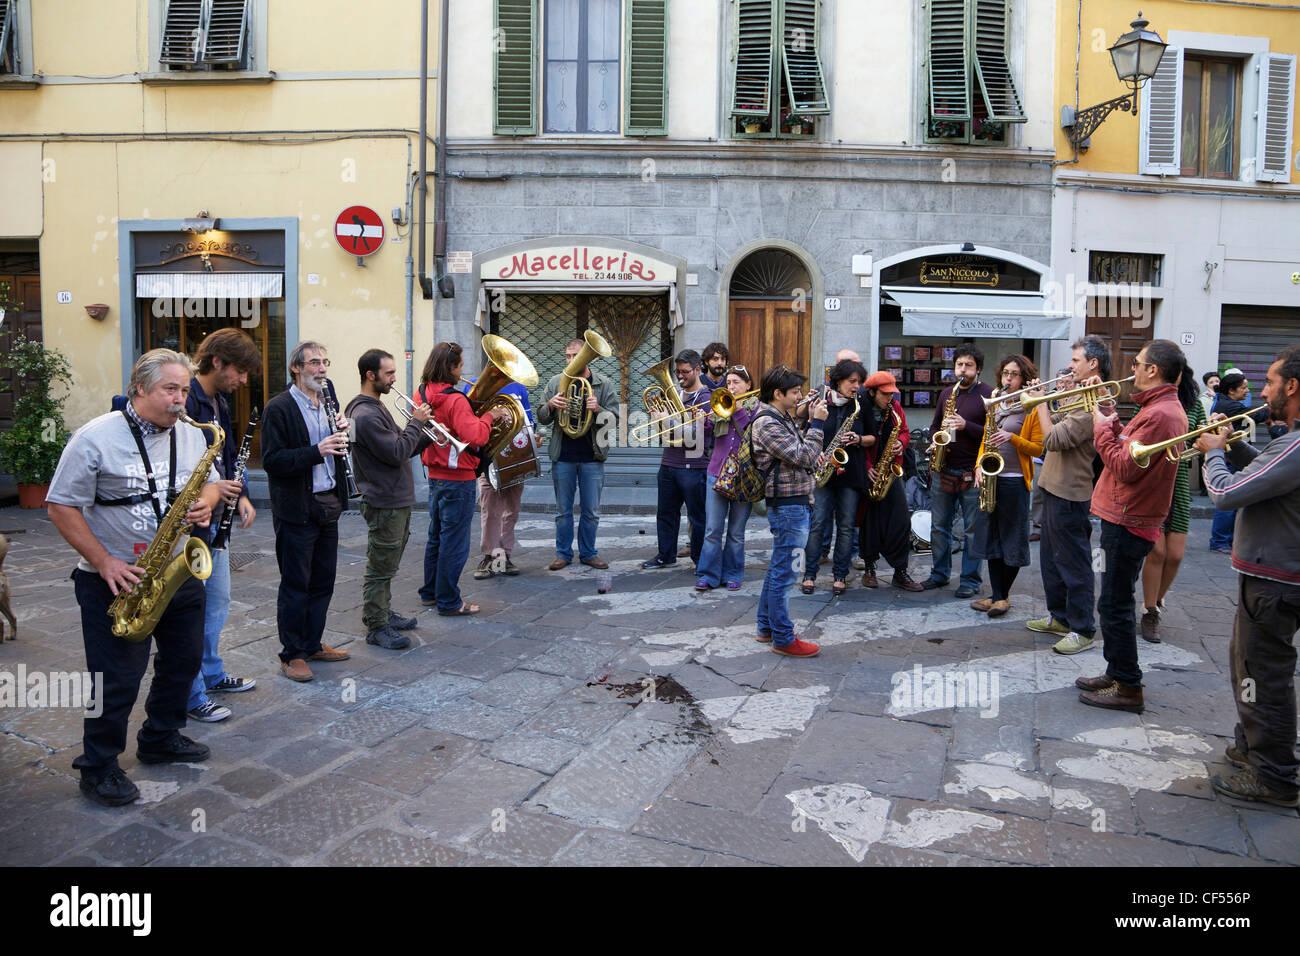 Fiati Sprecati, beliebte street Band, führen Sie in die Straßen von Florenz, Toskana, Italien, Europa Stockbild